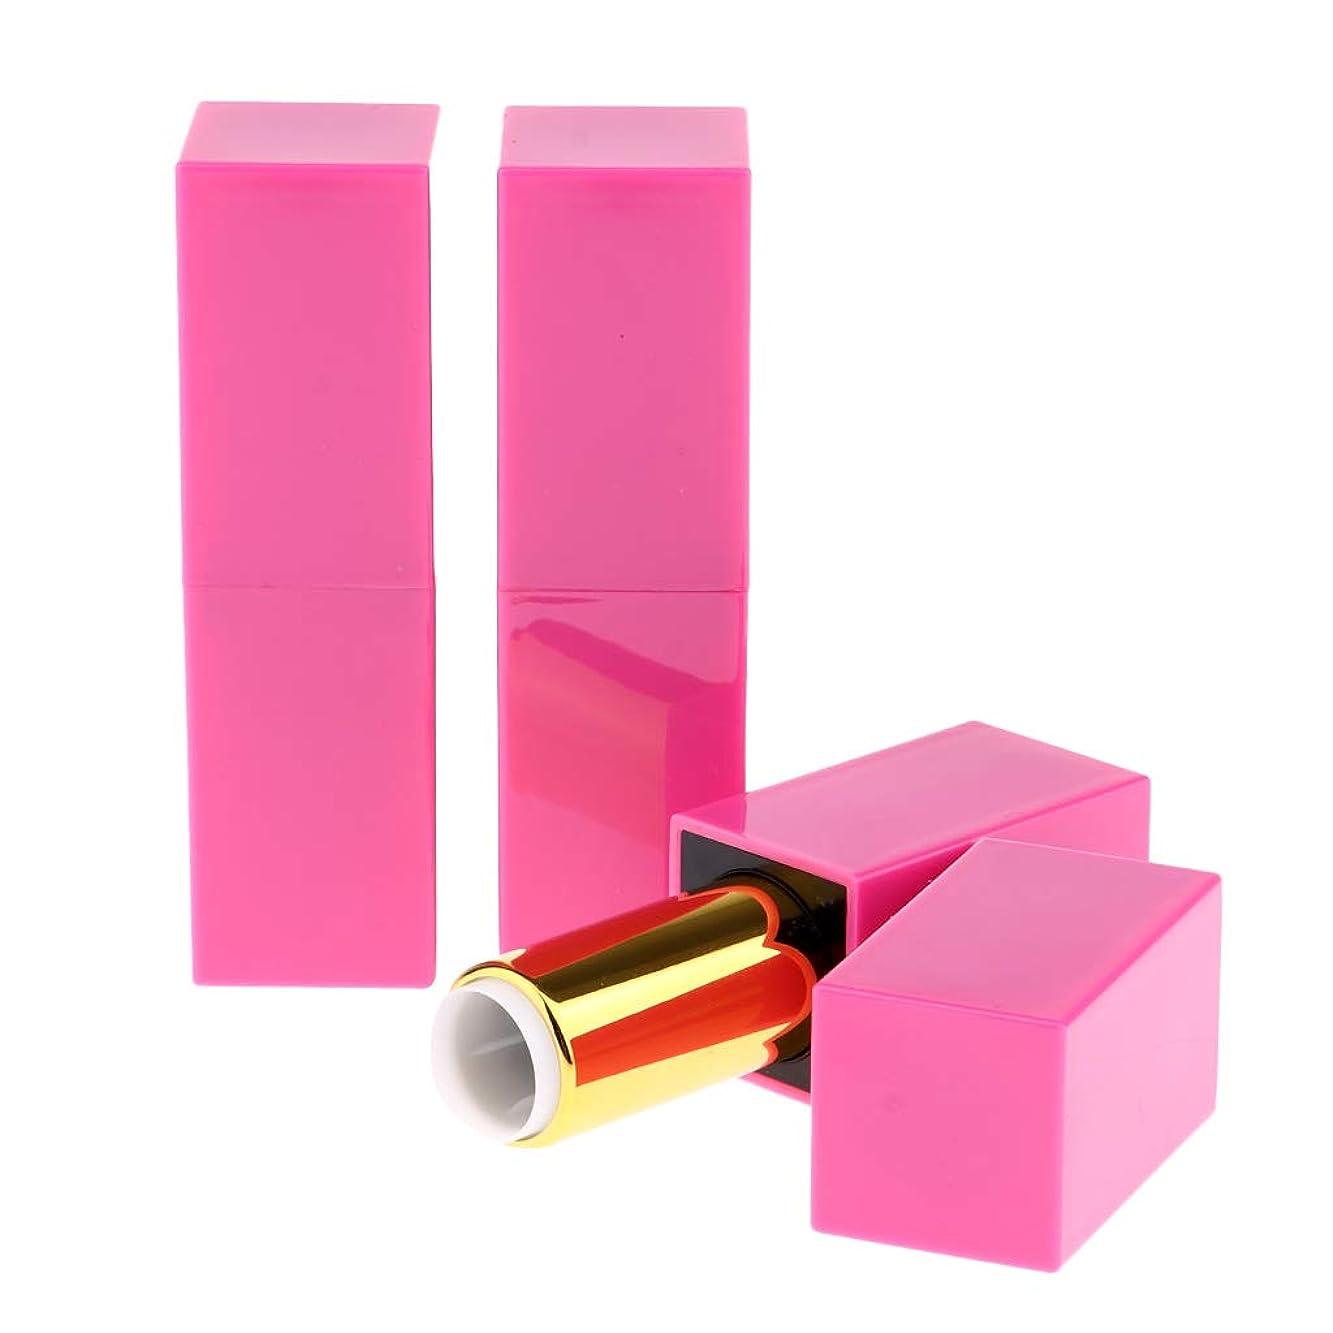 コースルーム静けさCUTICATE 化粧チューブ 空の口紅チューブ リップグロスチューブ リップグロス容器 12.1mm 3本パック